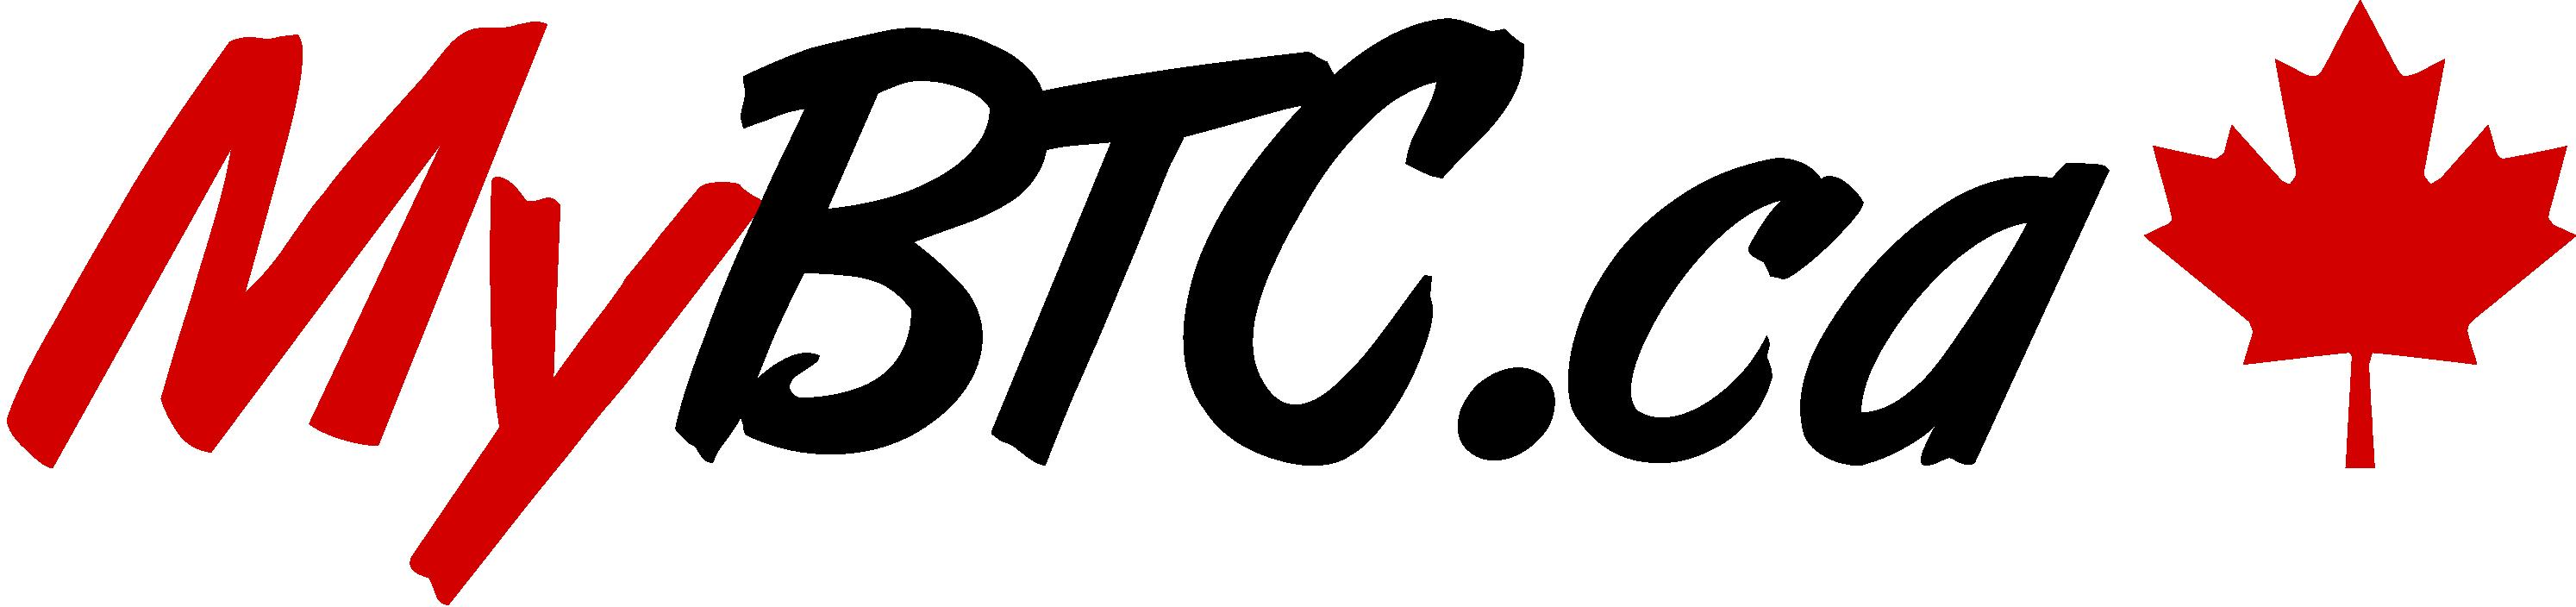 MyBTC.ca Official Logo